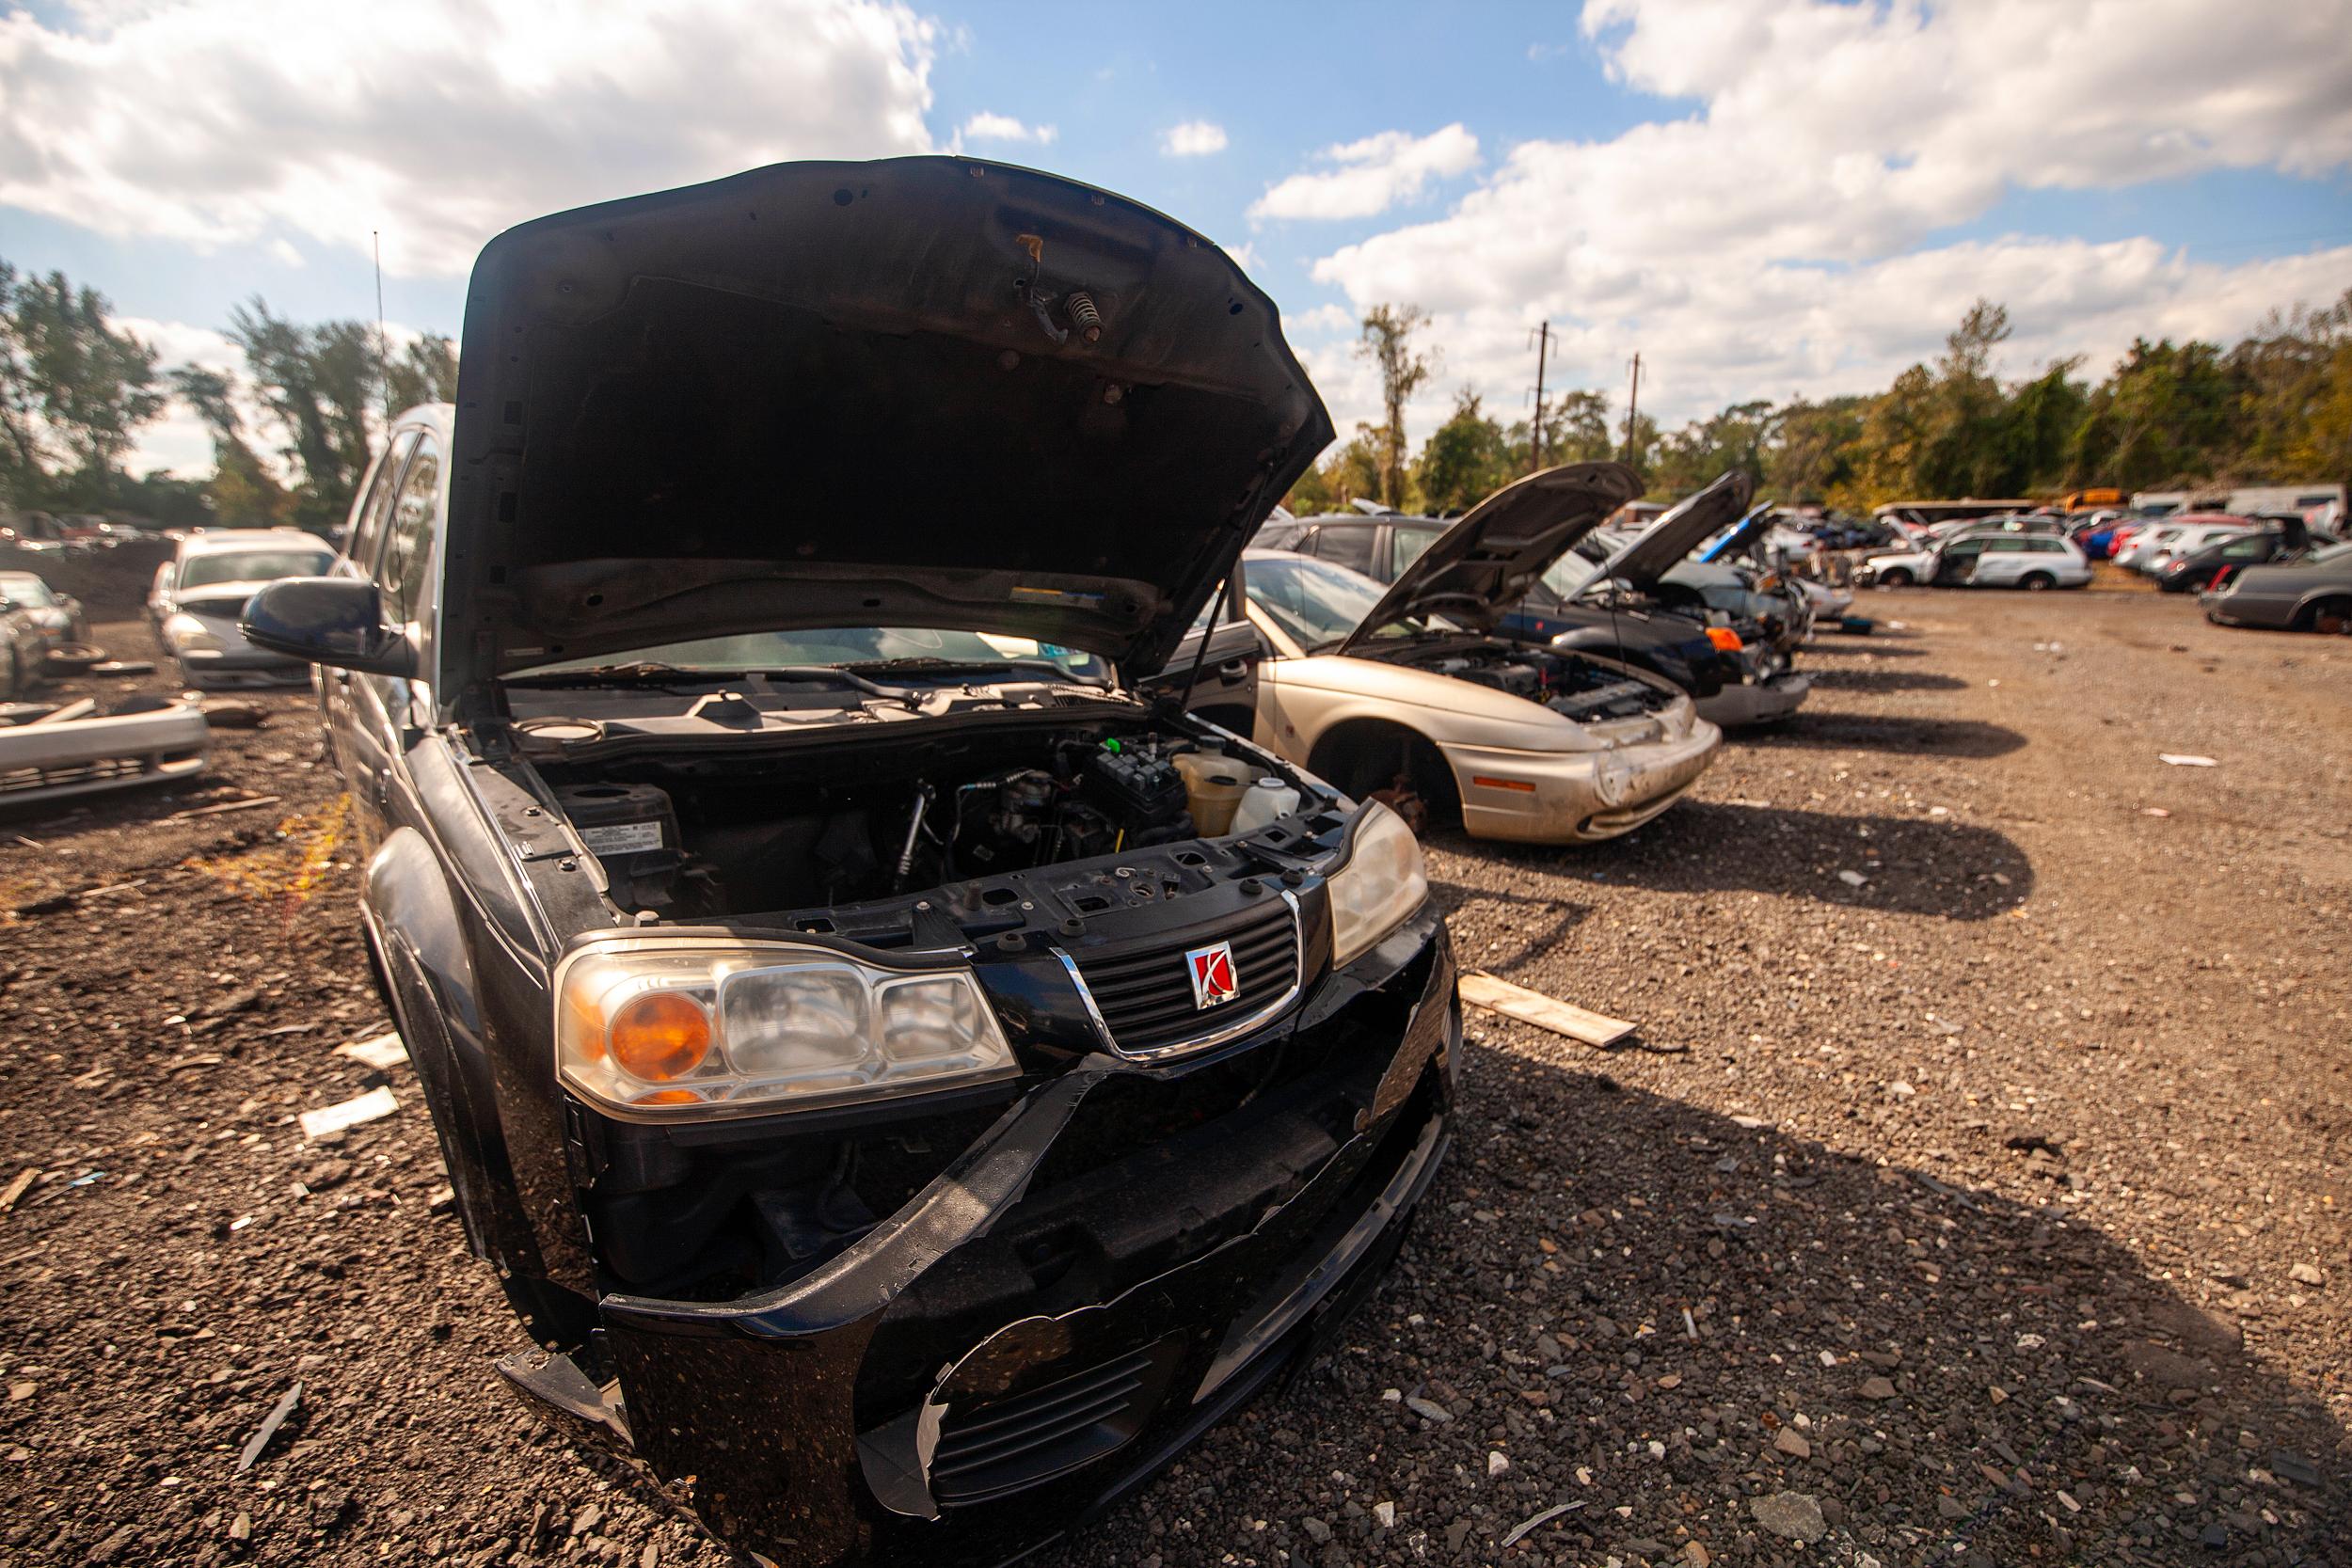 saturns open hoods junkyard